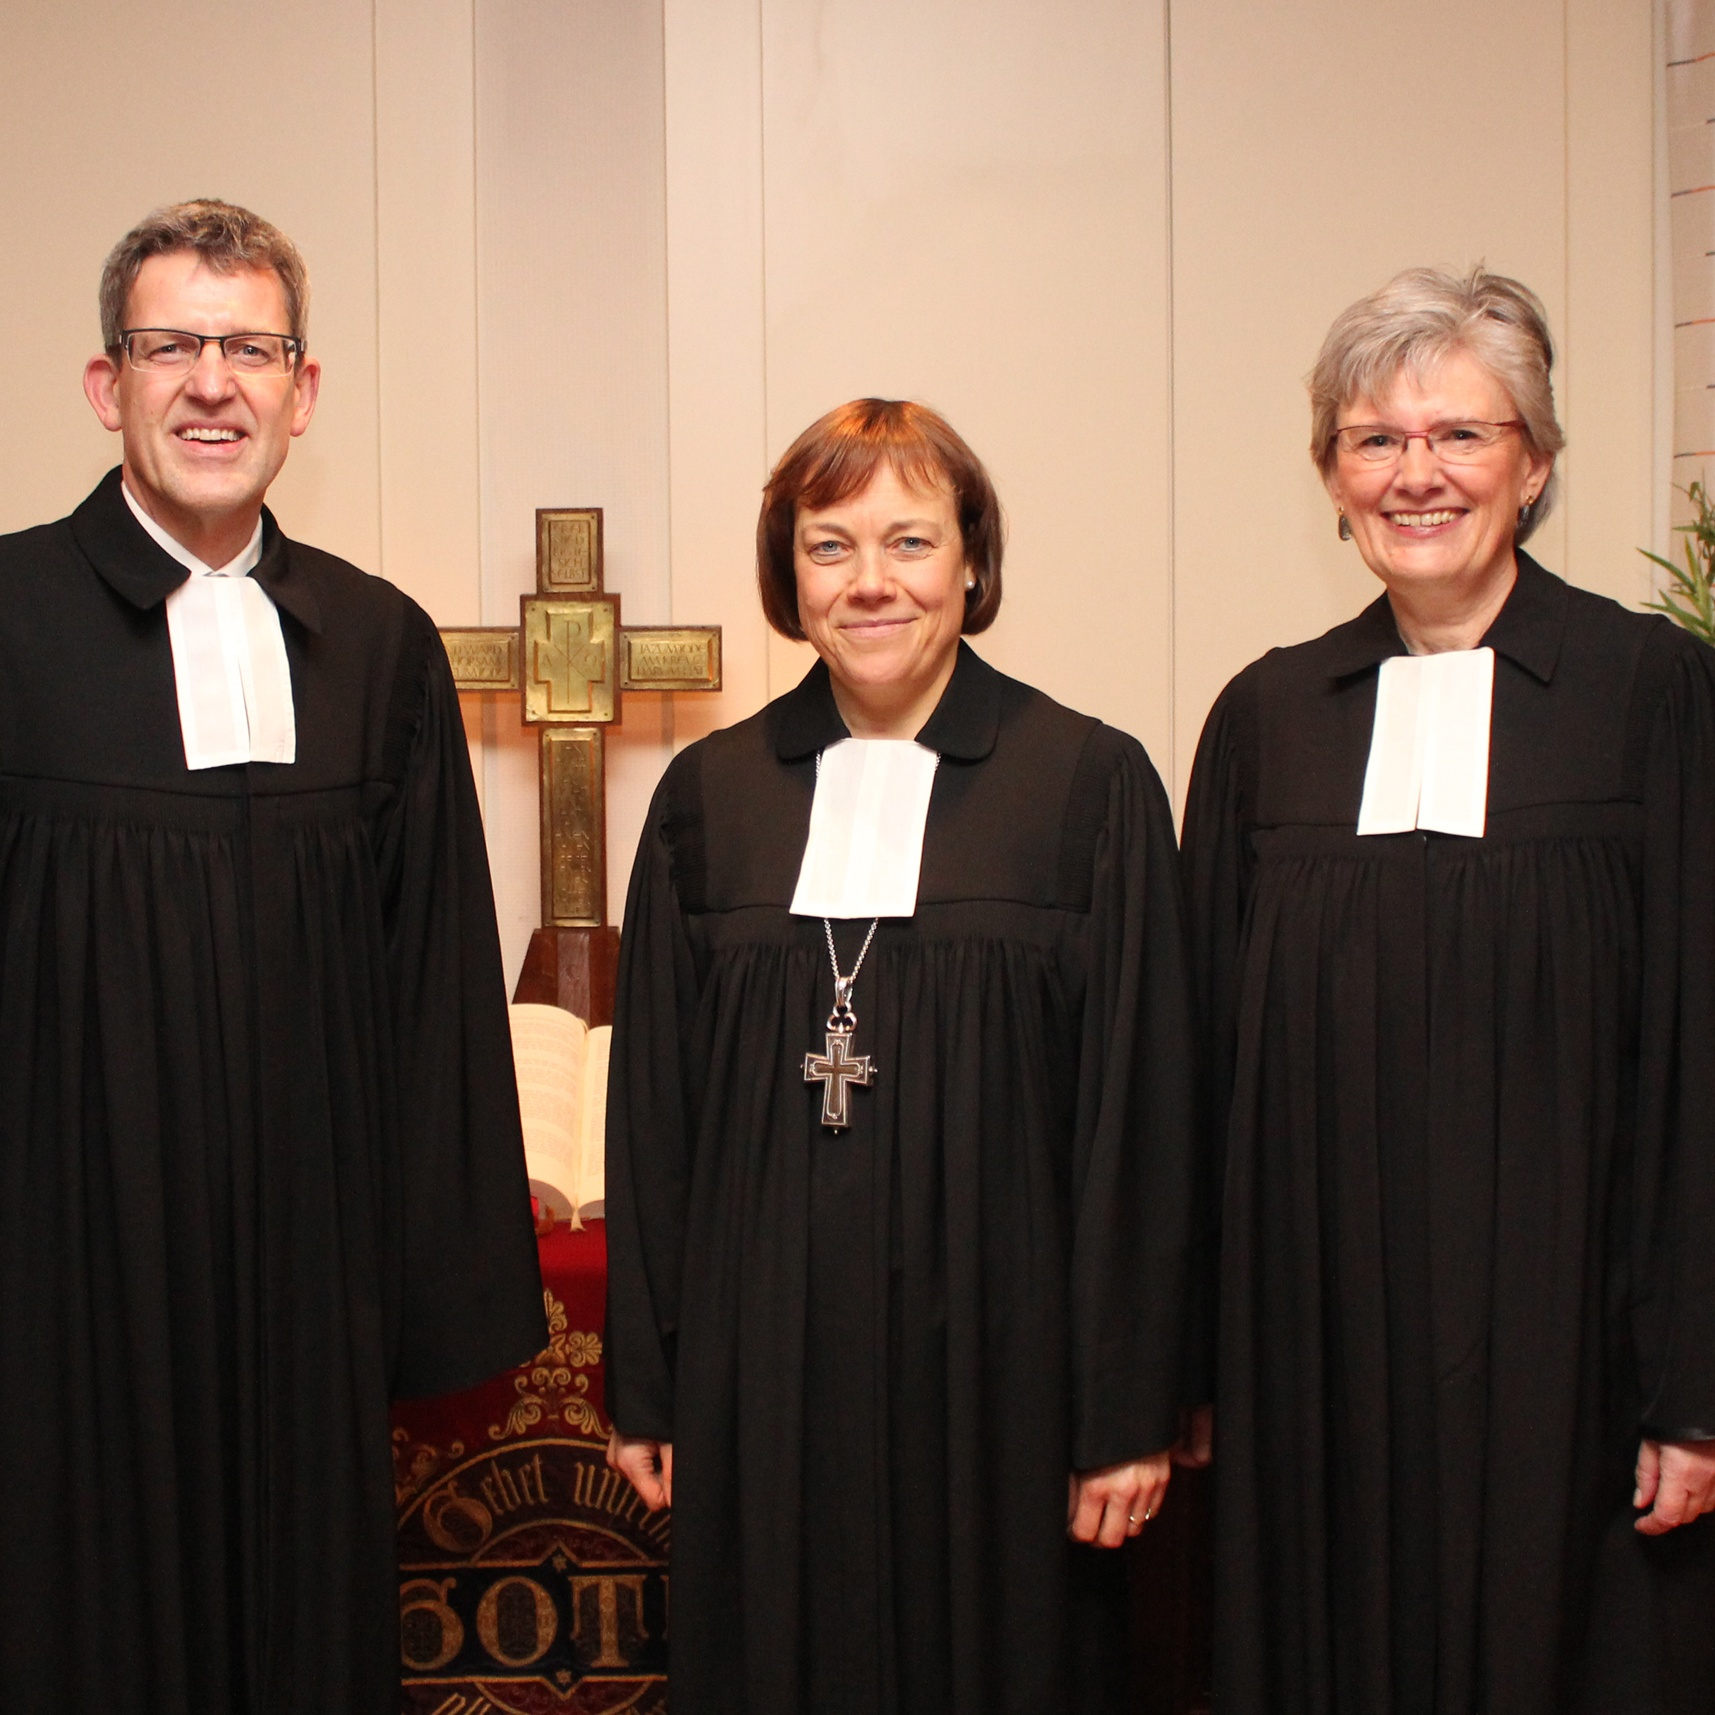 ABSCHIED Mit Anke Schröder hat sich Kirchenkreis auf den Weg gemacht